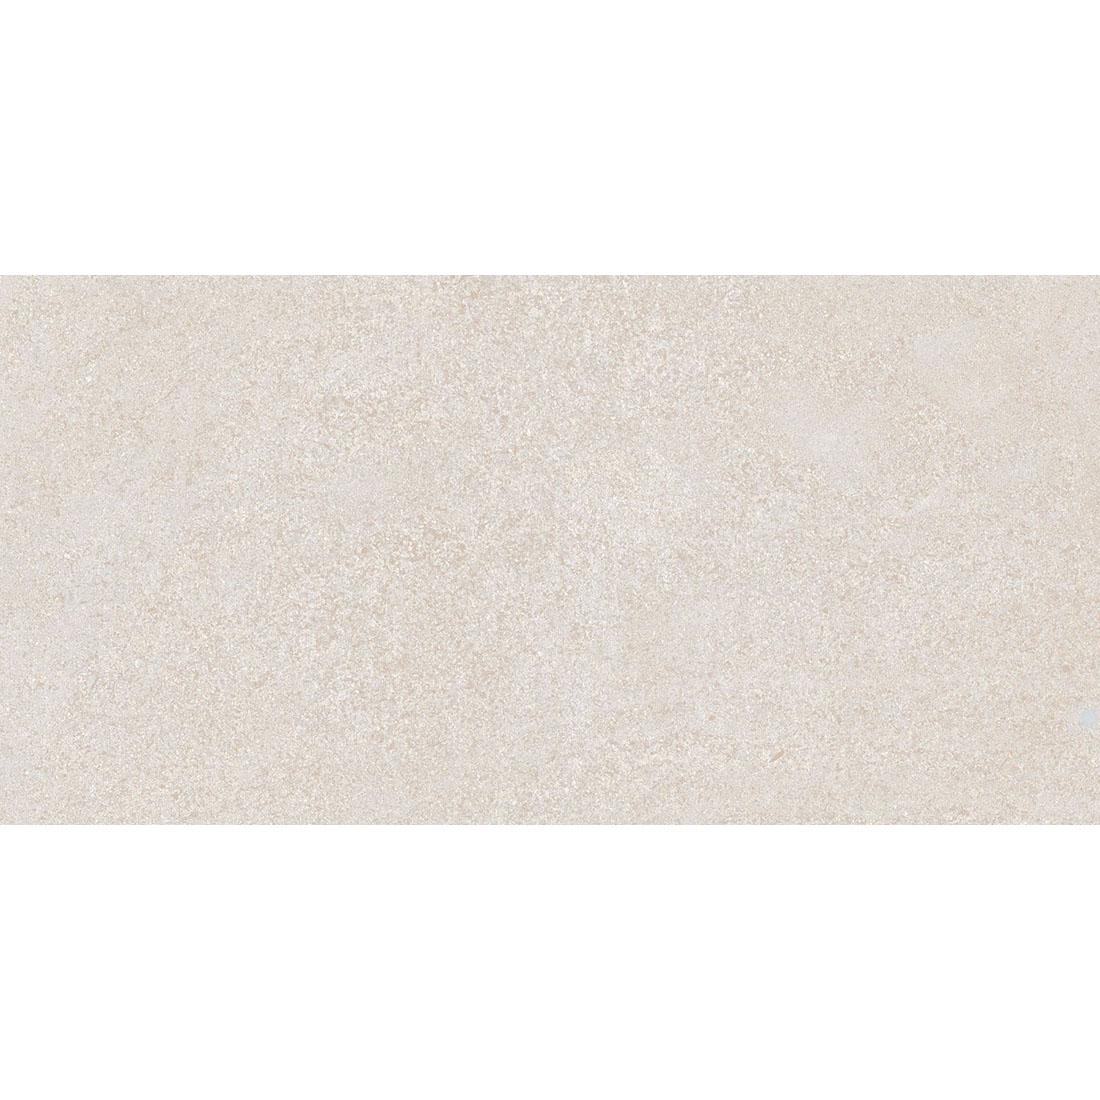 Triana 30x60 Grey Gloss 1